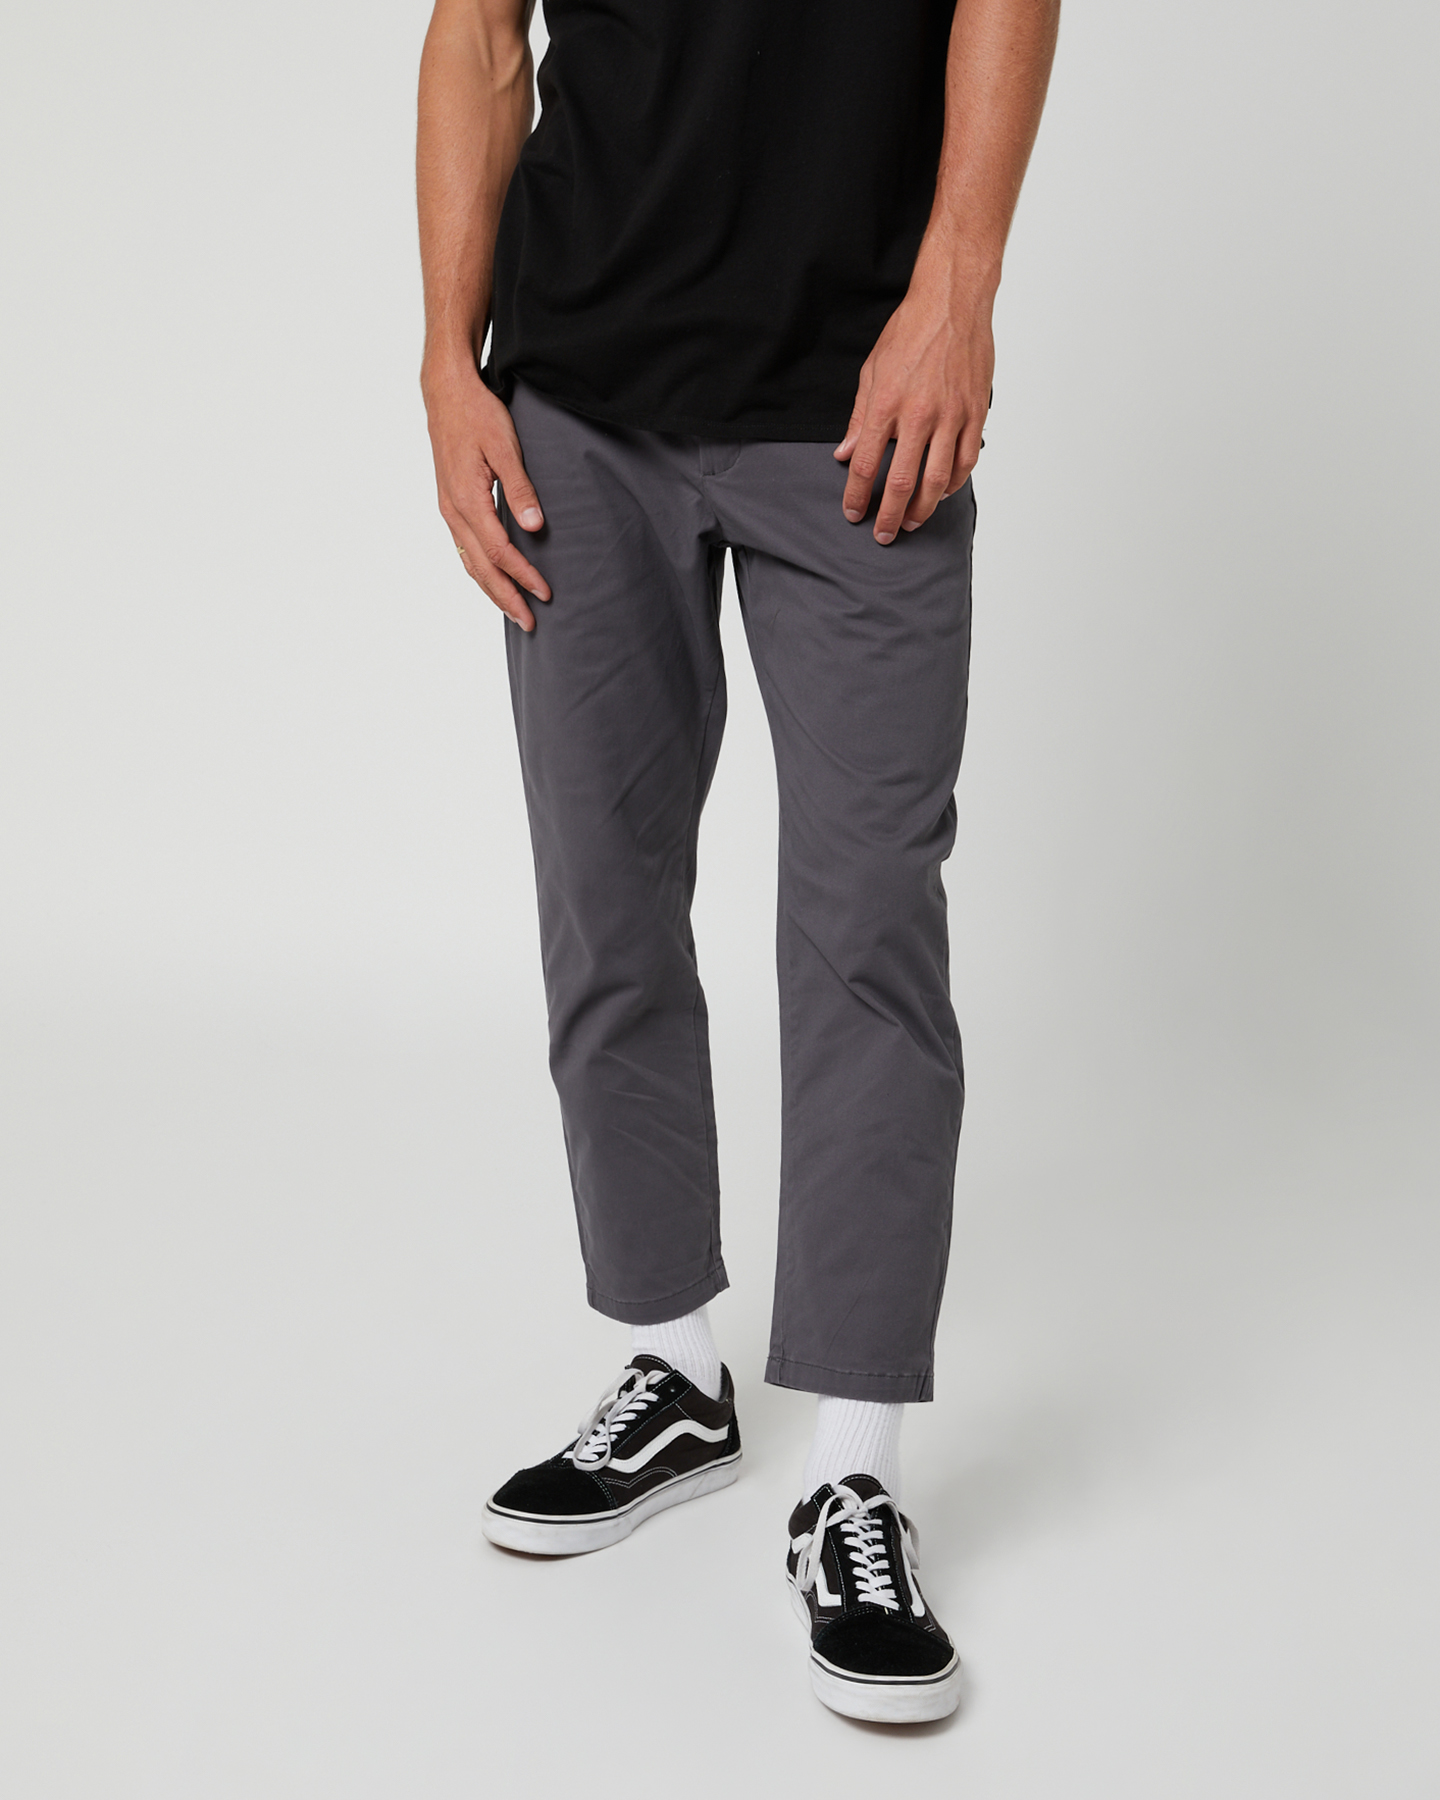 Swell Dandy Mens Crop Pant Grey